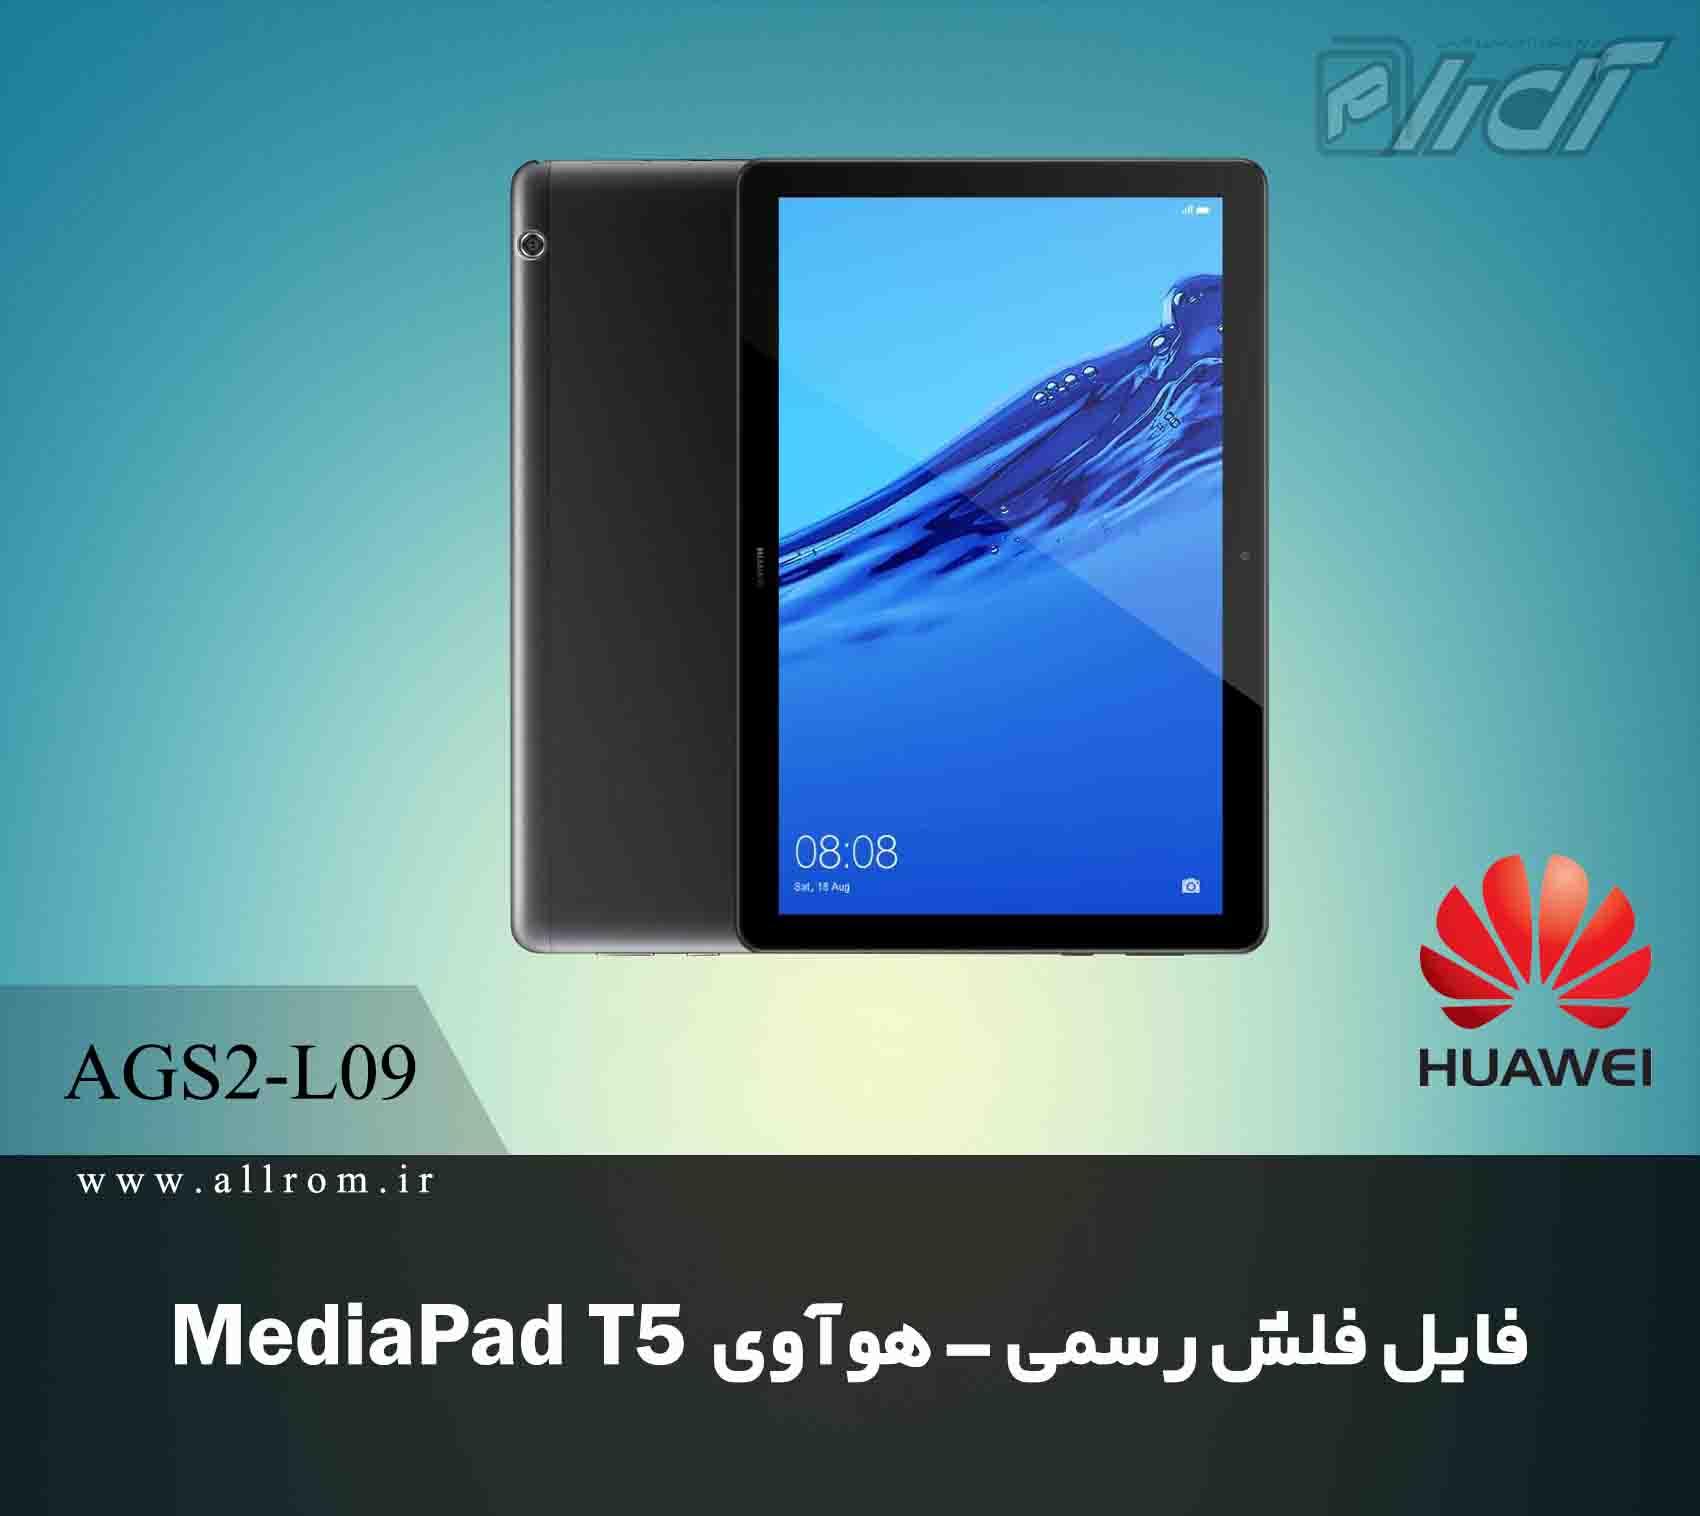 دانلود رام Huawei MediaPad T5 AGS2-L09